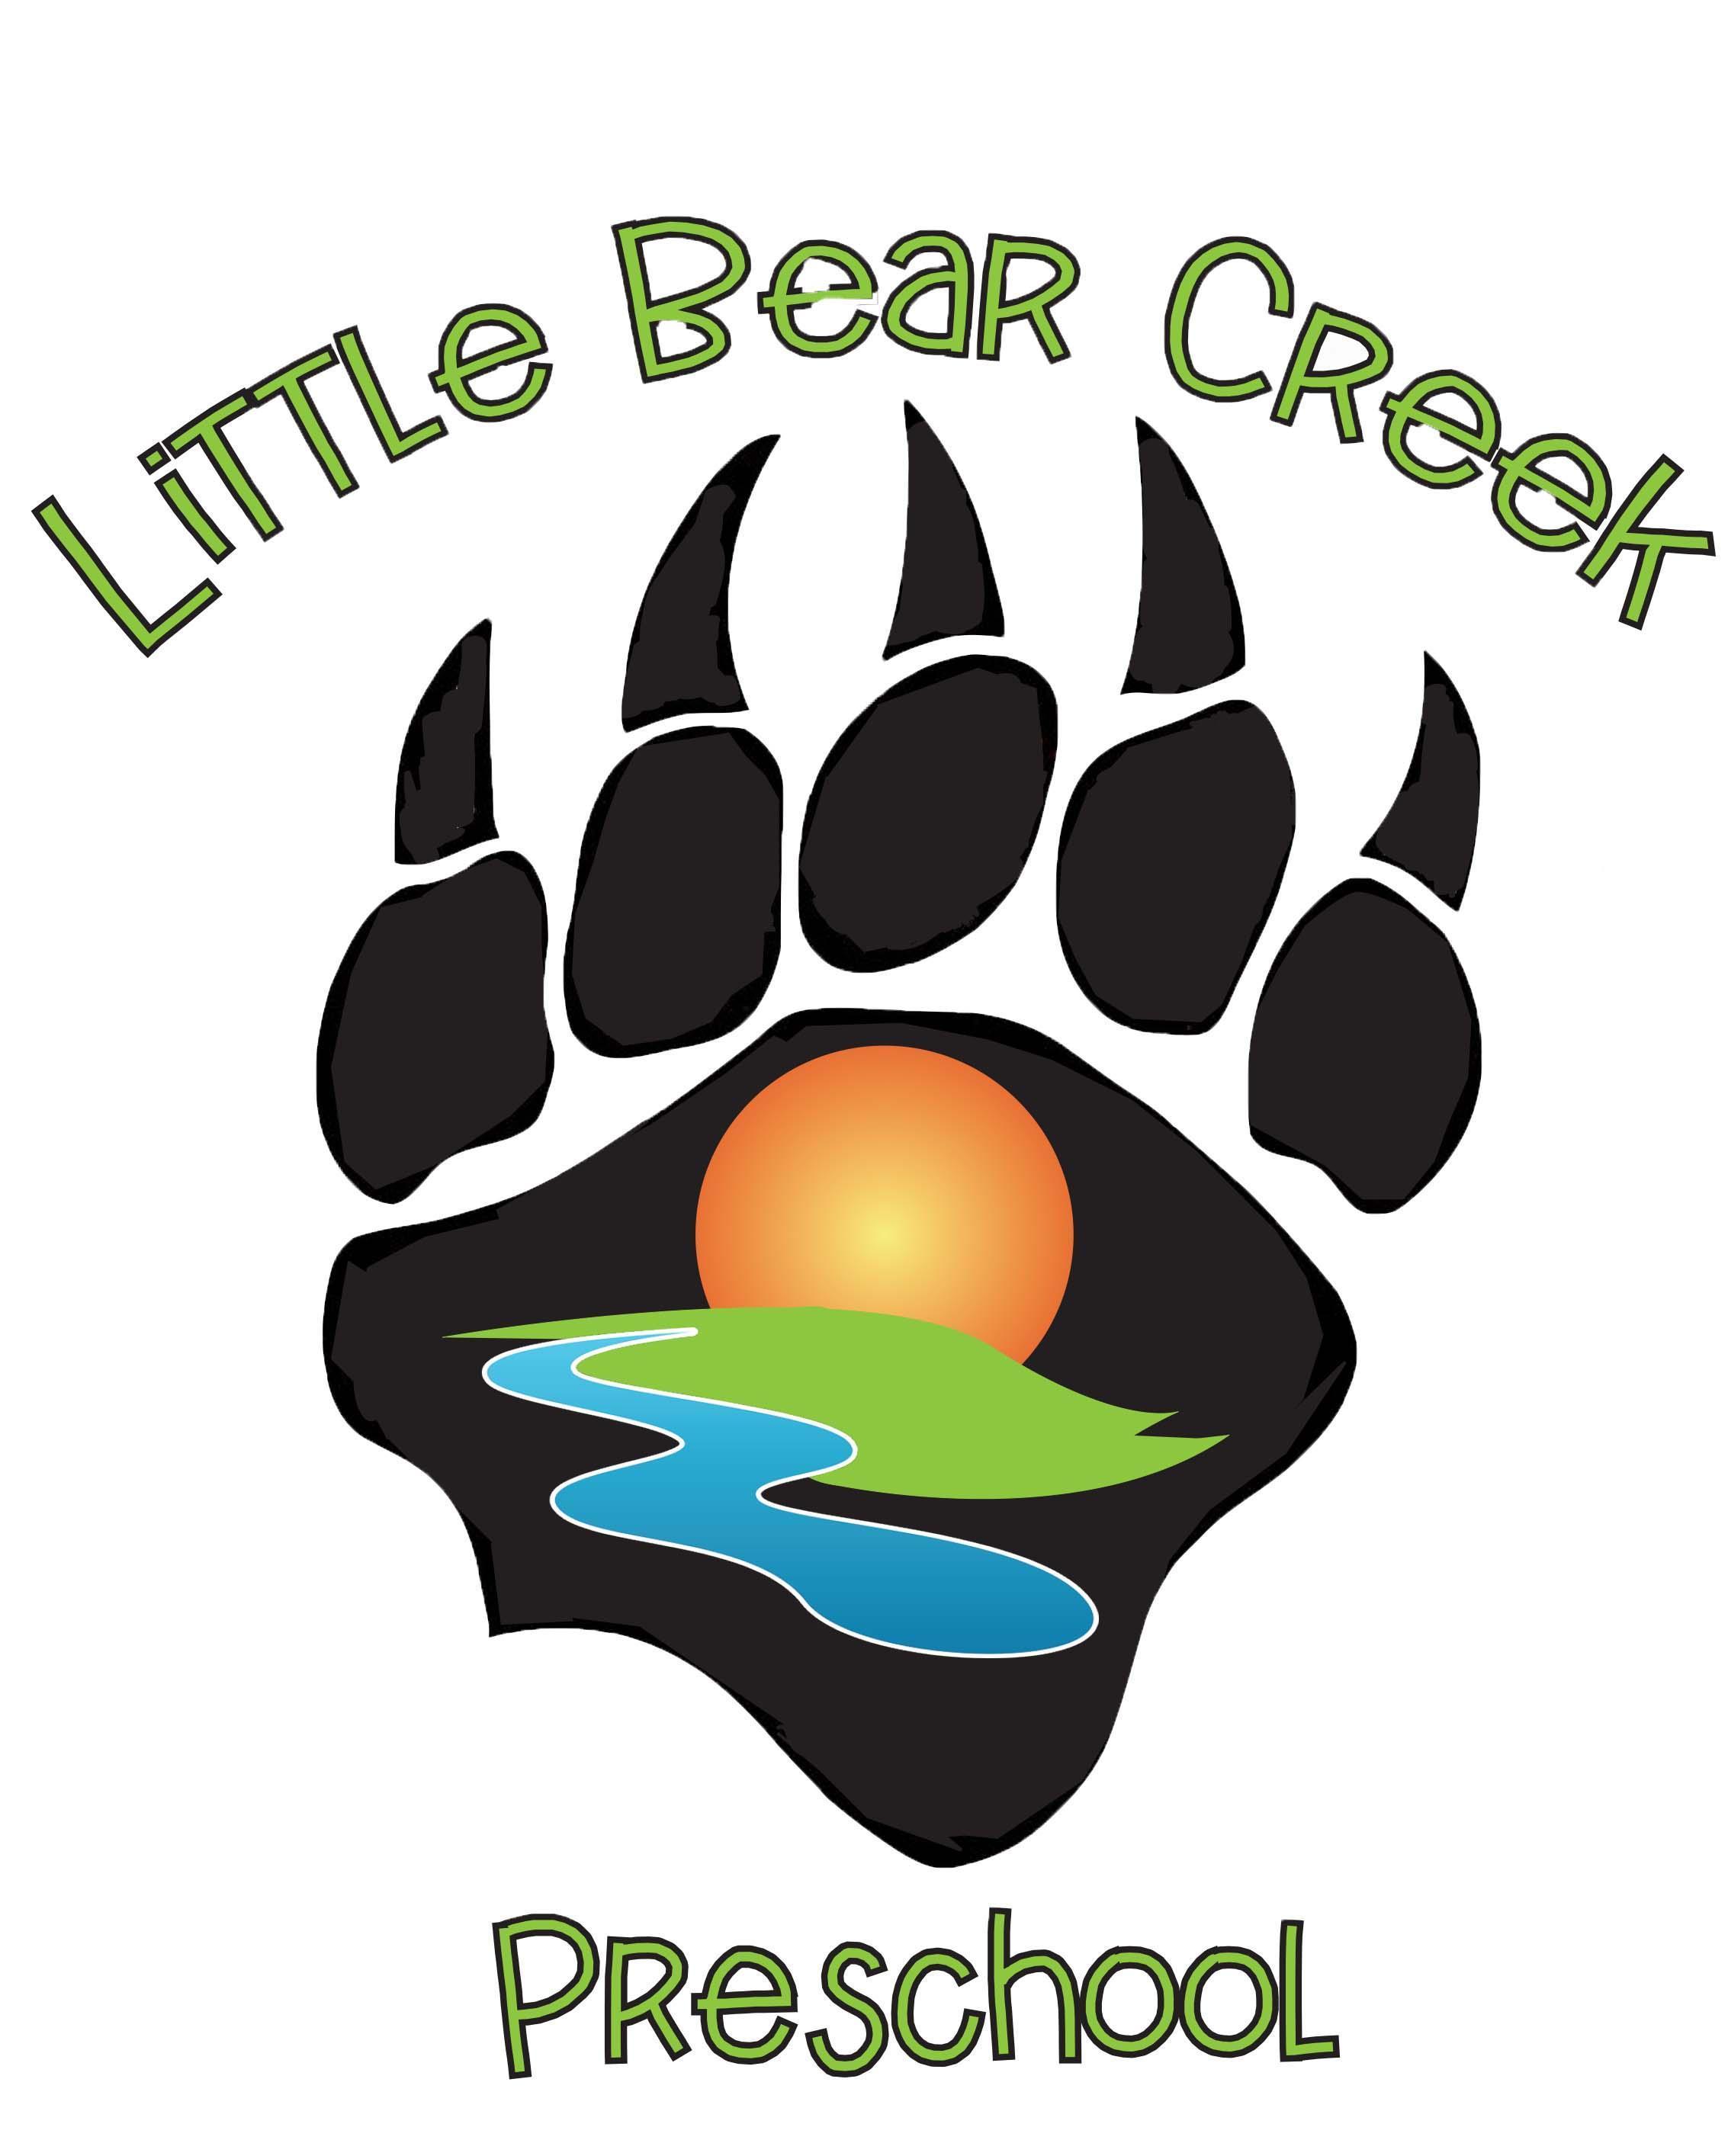 Little Bear Creek preschool LOGO